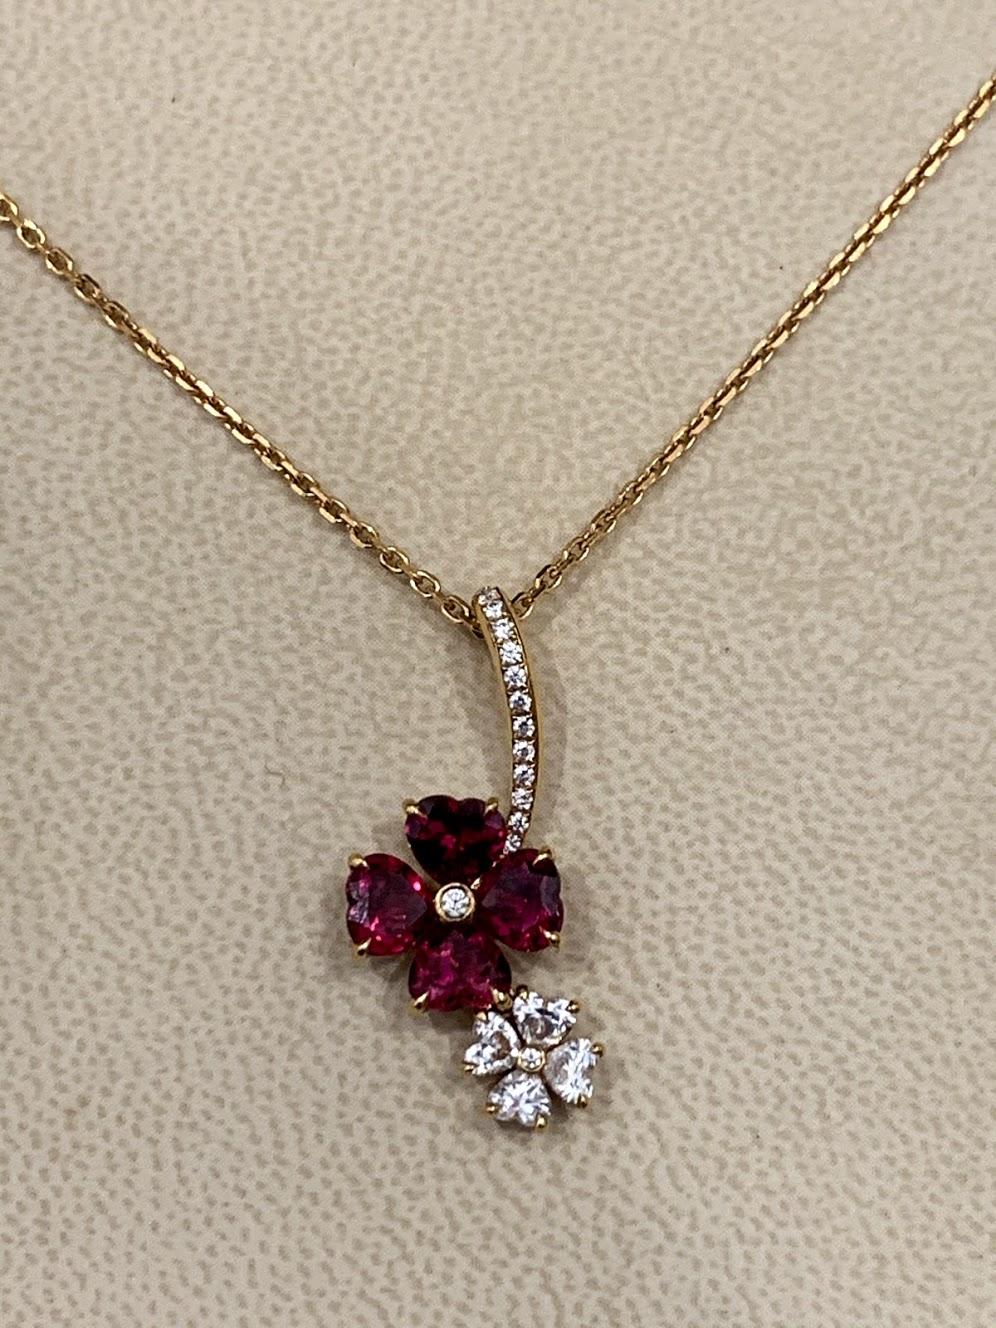 ПОДВЕСКА FOR YOU RUBIES AND DIAMONDS #2